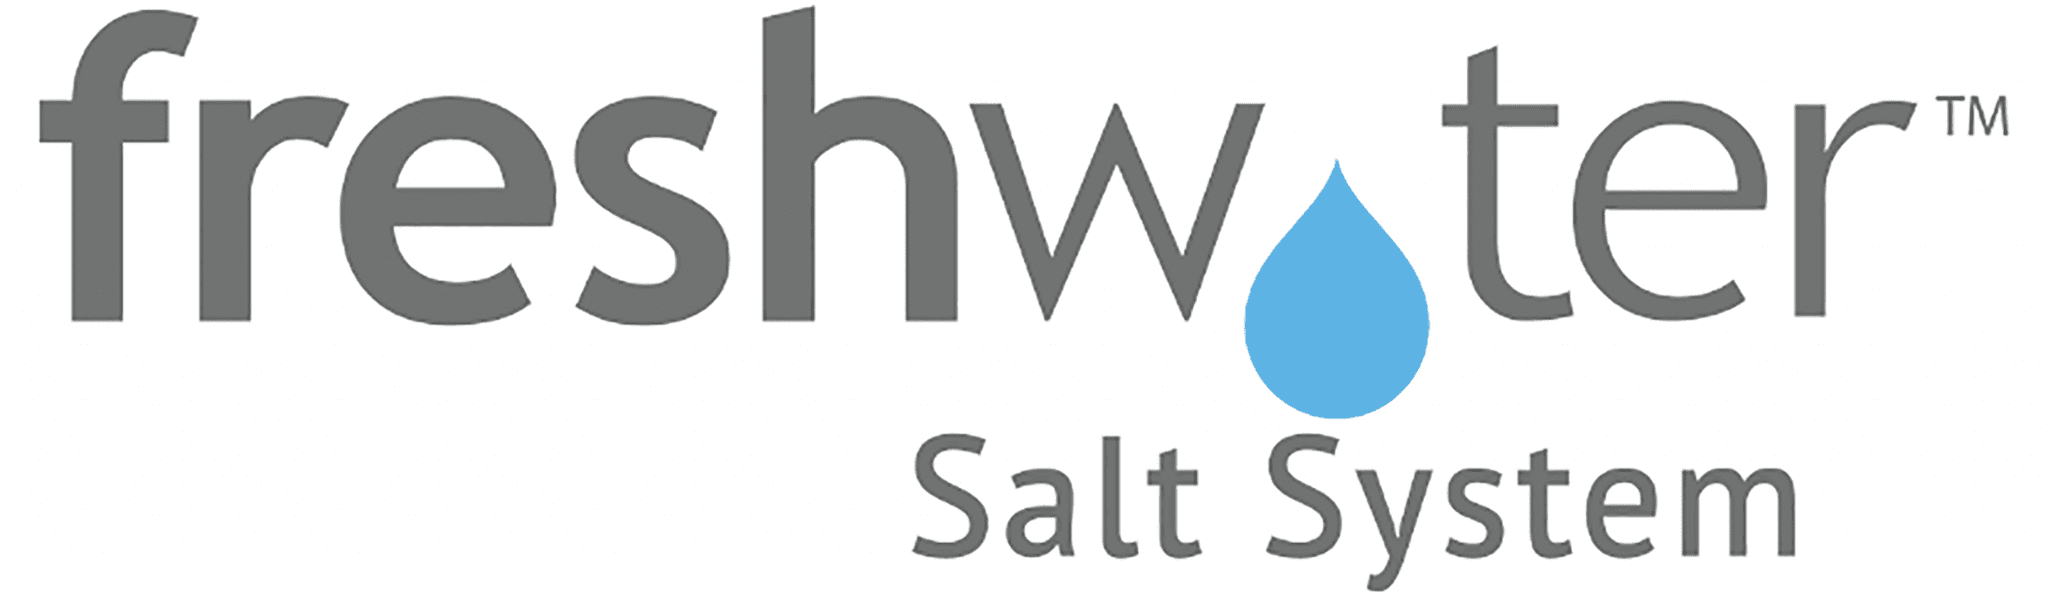 hot-spring-freshwater-salt-system-logo-white